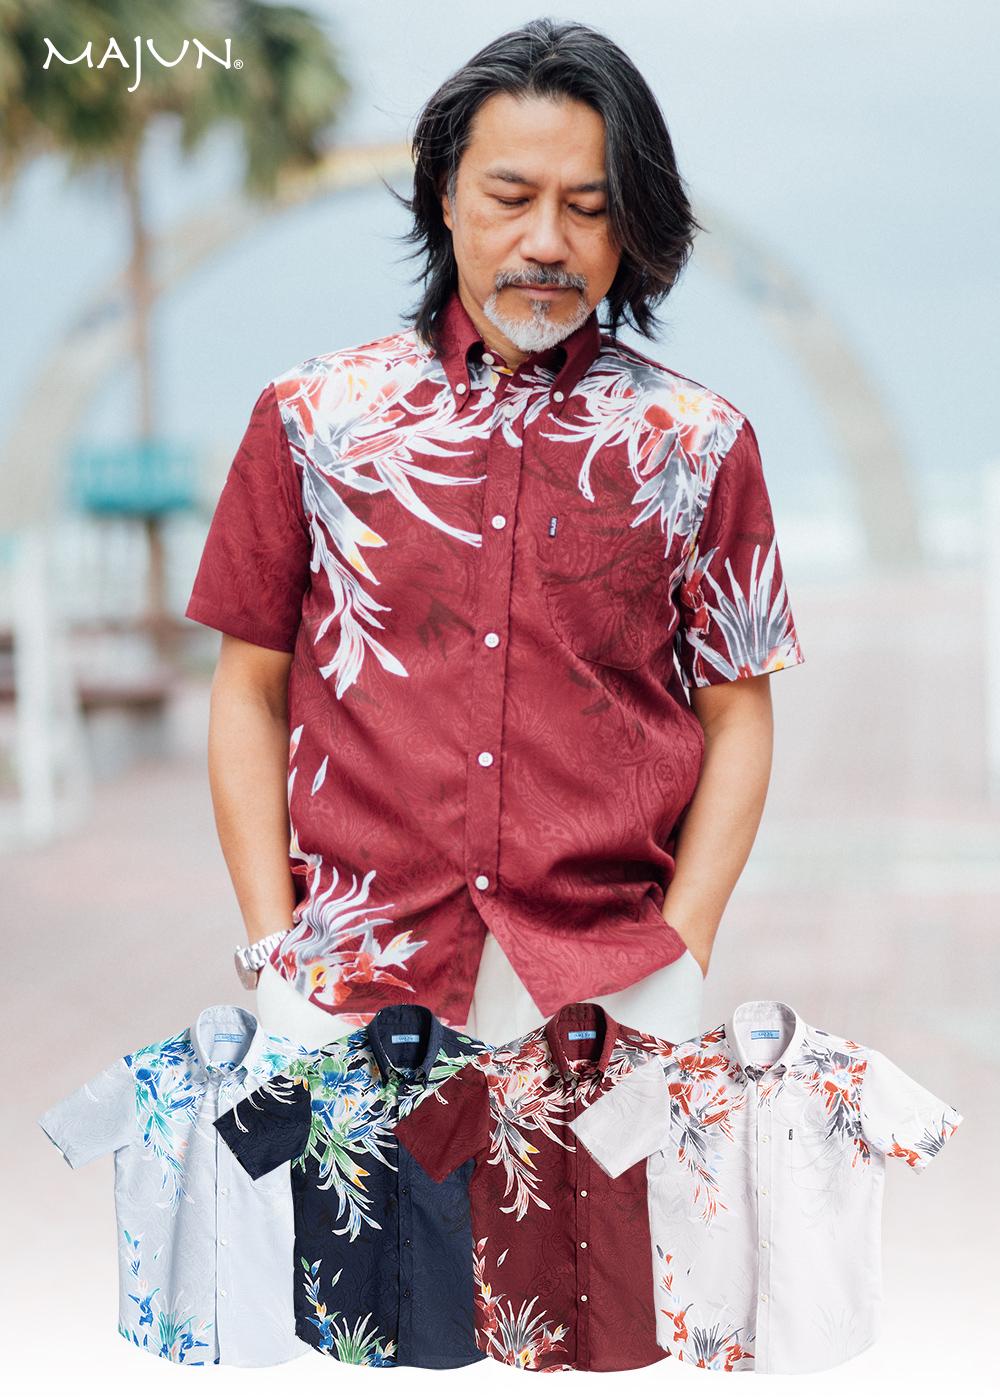 かりゆしウェア(沖縄版アロハシャツ) MAJUN - クラリティーブーケ